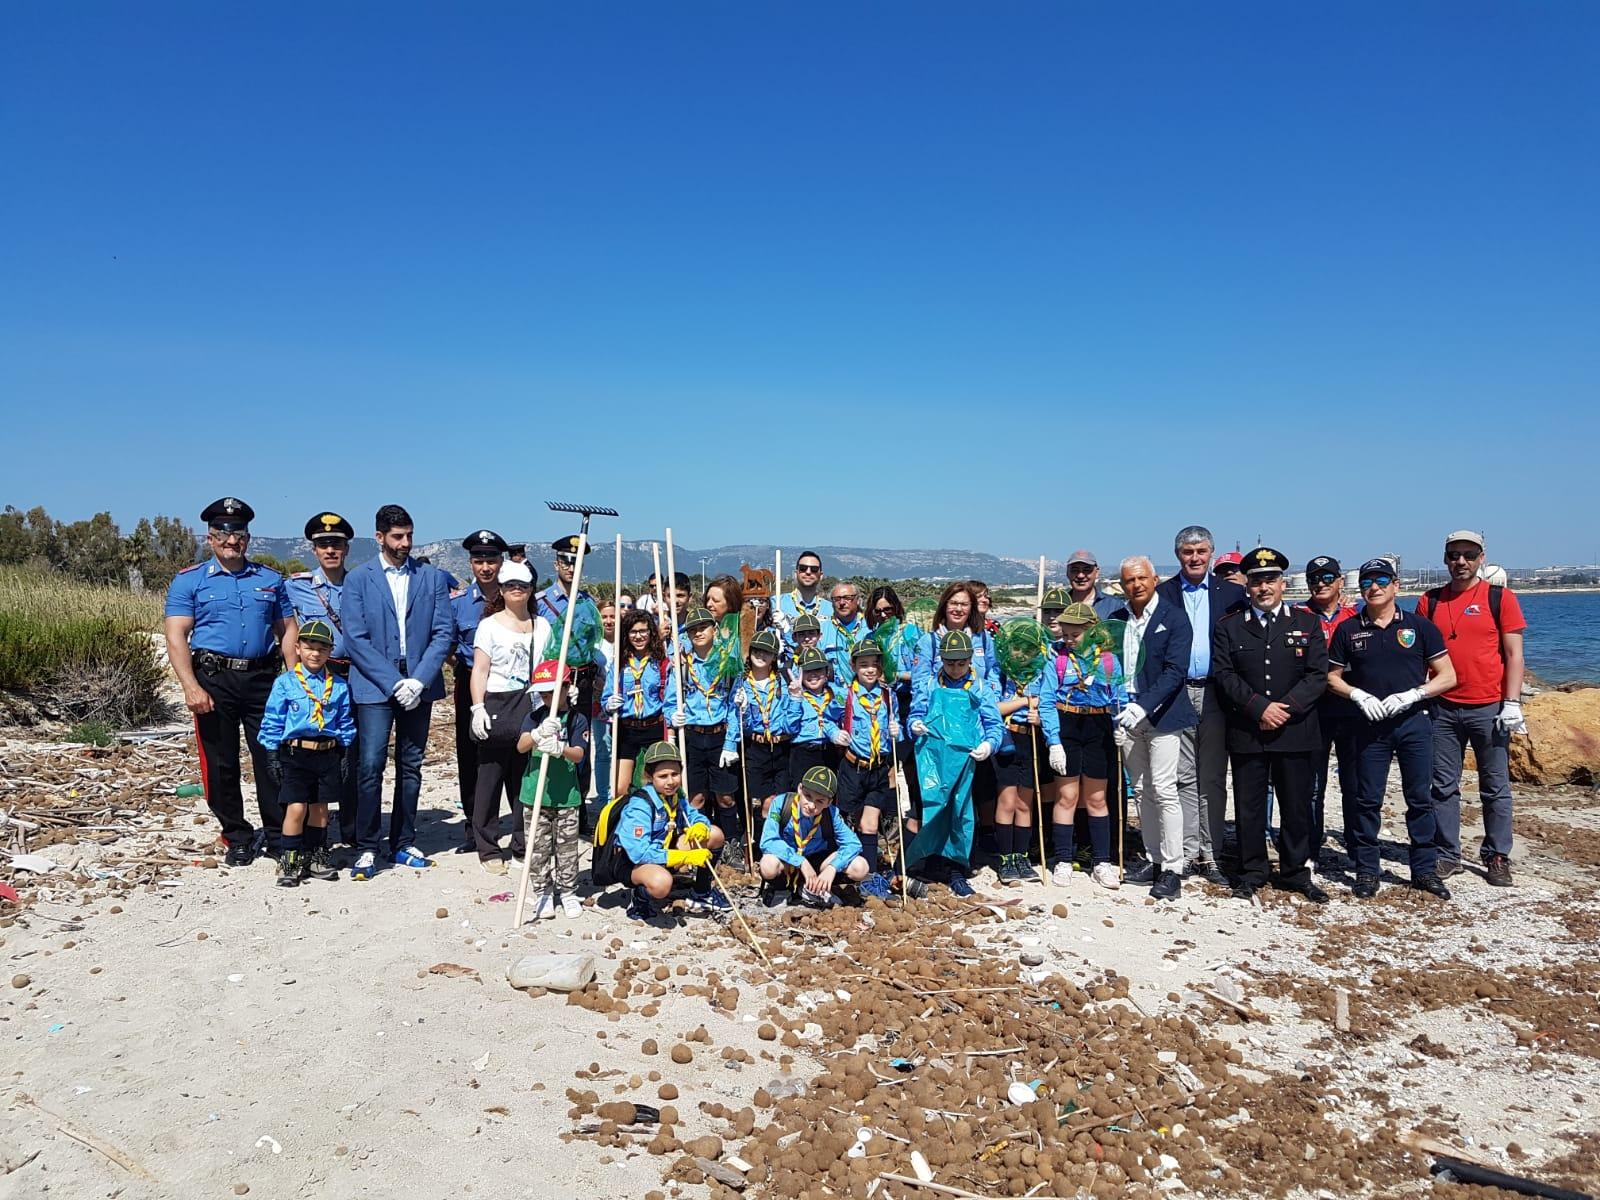 Pure i carabinieri ripuliscono una spiaggia di Priolo